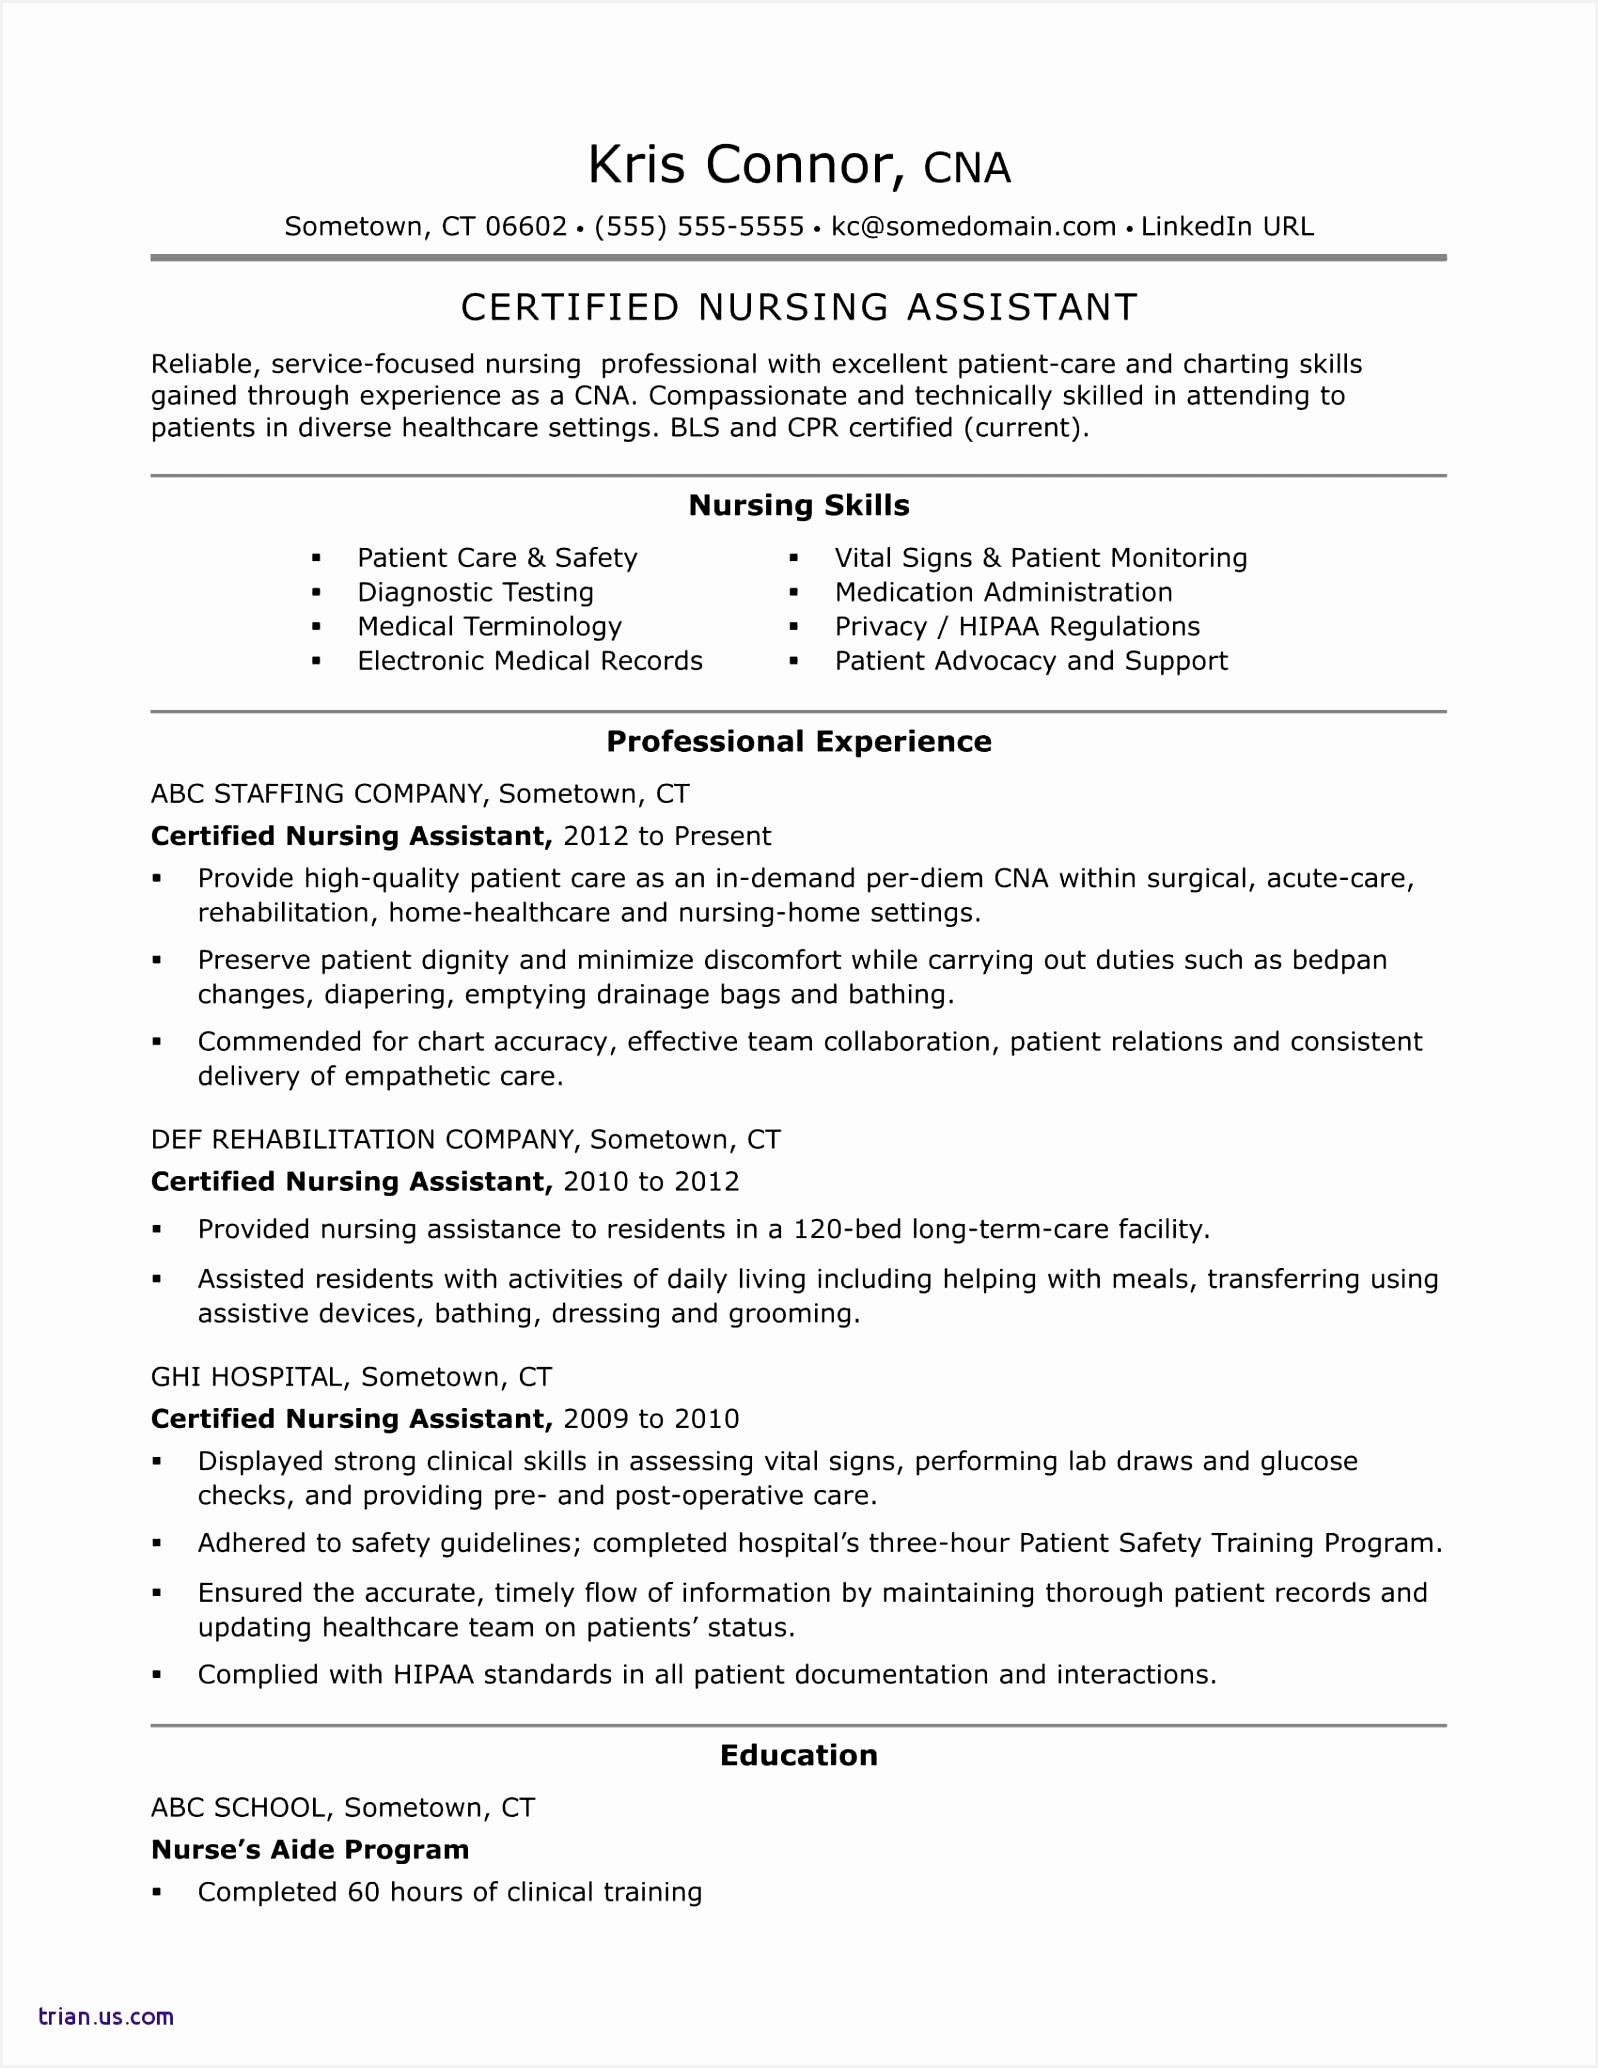 6 Sample Resume Nursing Assistant Xqpcrn Free Samples